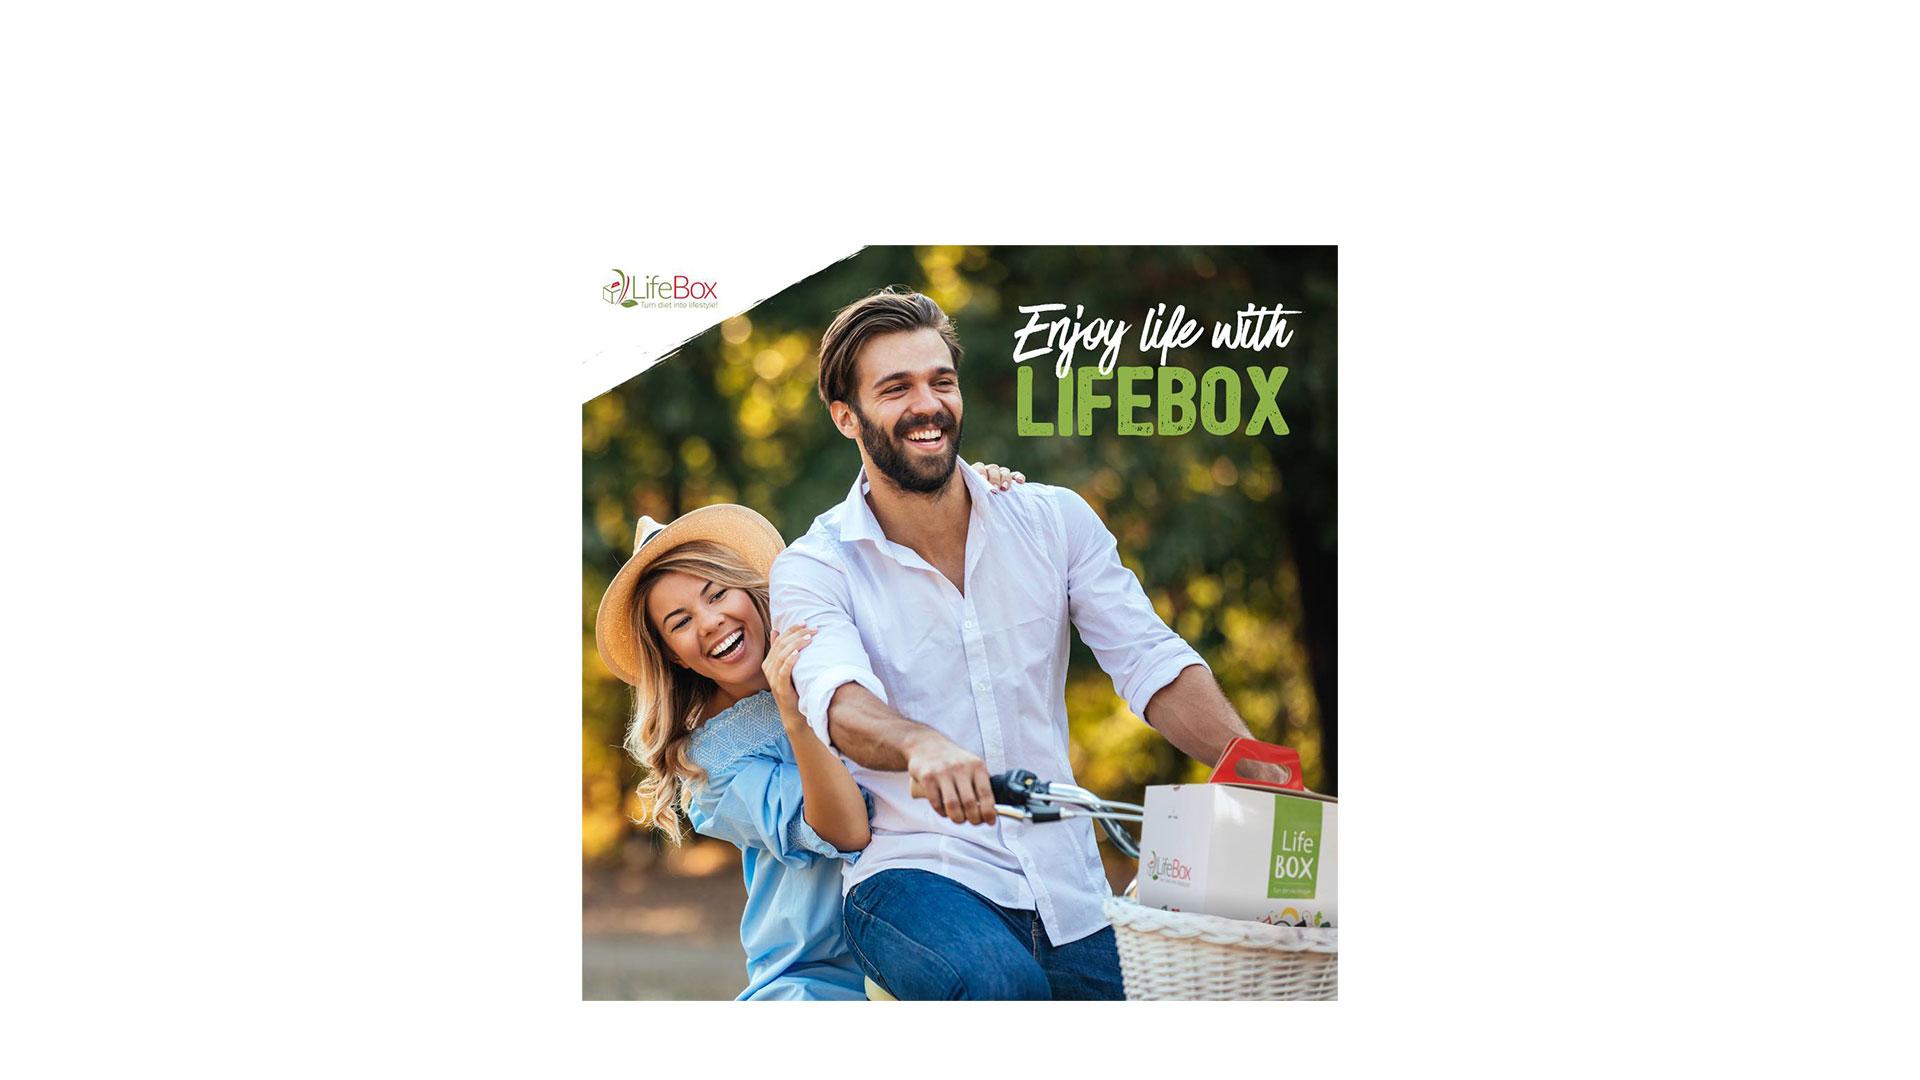 Cum se fac livrările la LifeBox? Interviu cu Mădălina, Alex și Valentin, manageri în departamentele de Customer Care, Marketing și Delivery